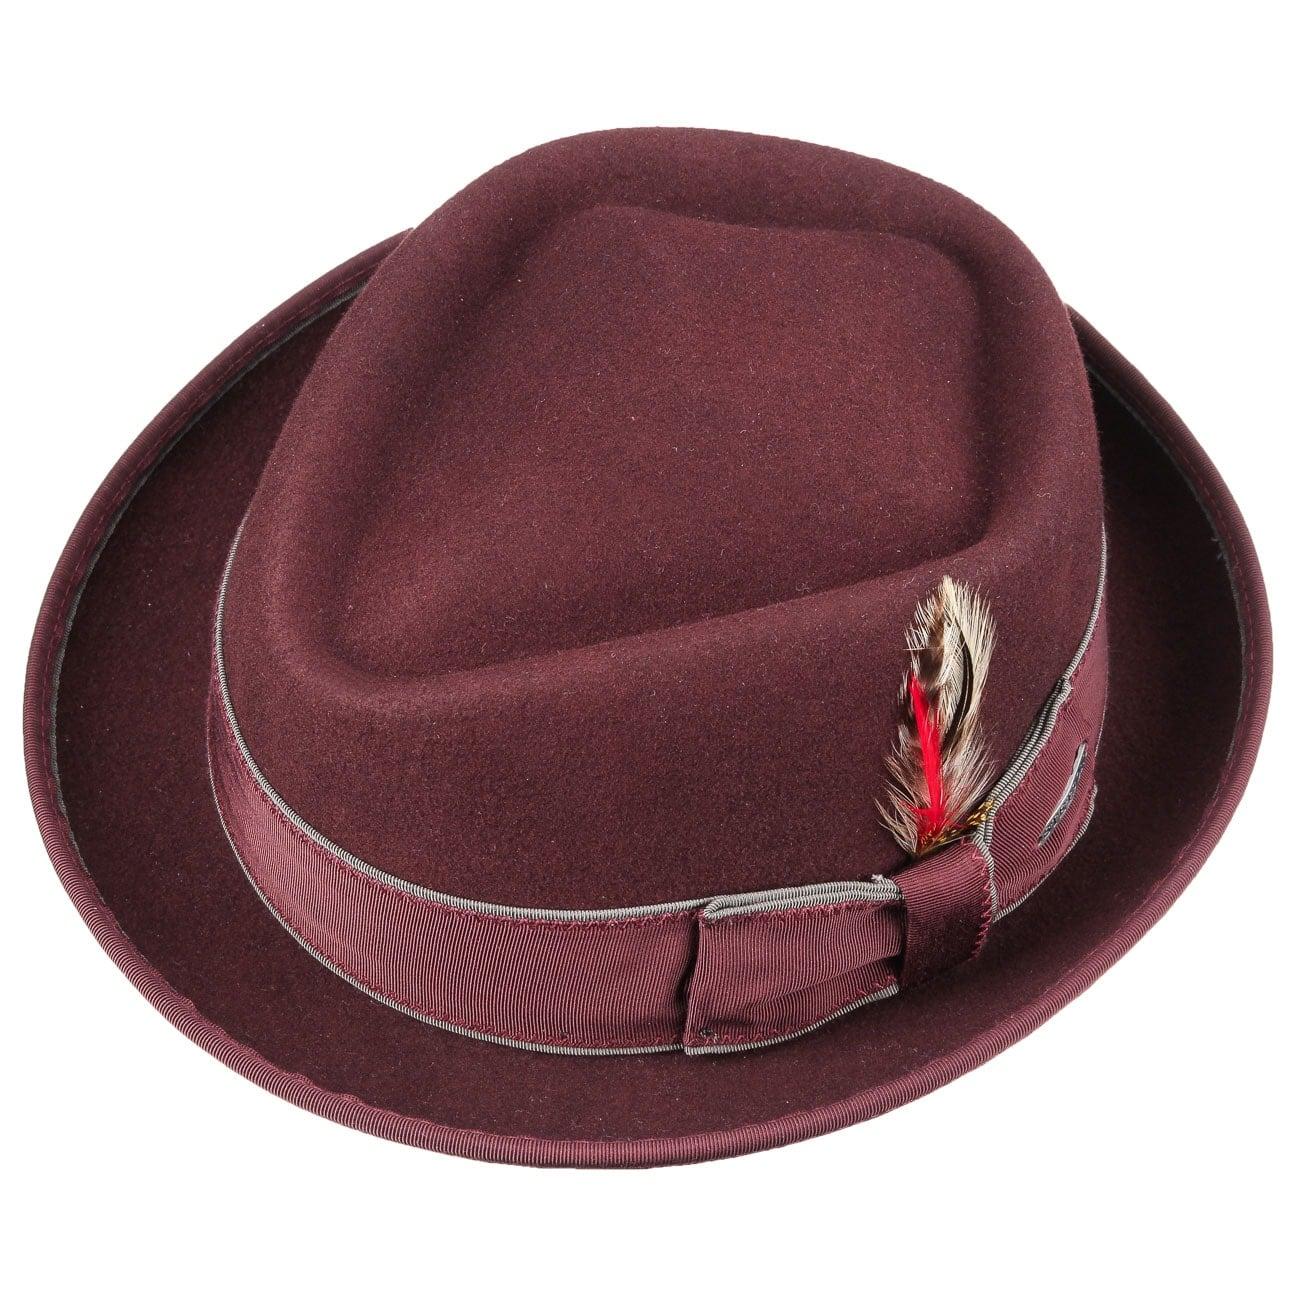 23988ad6d1c ... Thornton VitaFelt Pork Pie Hat by Stetson - bordeaux 2 ...